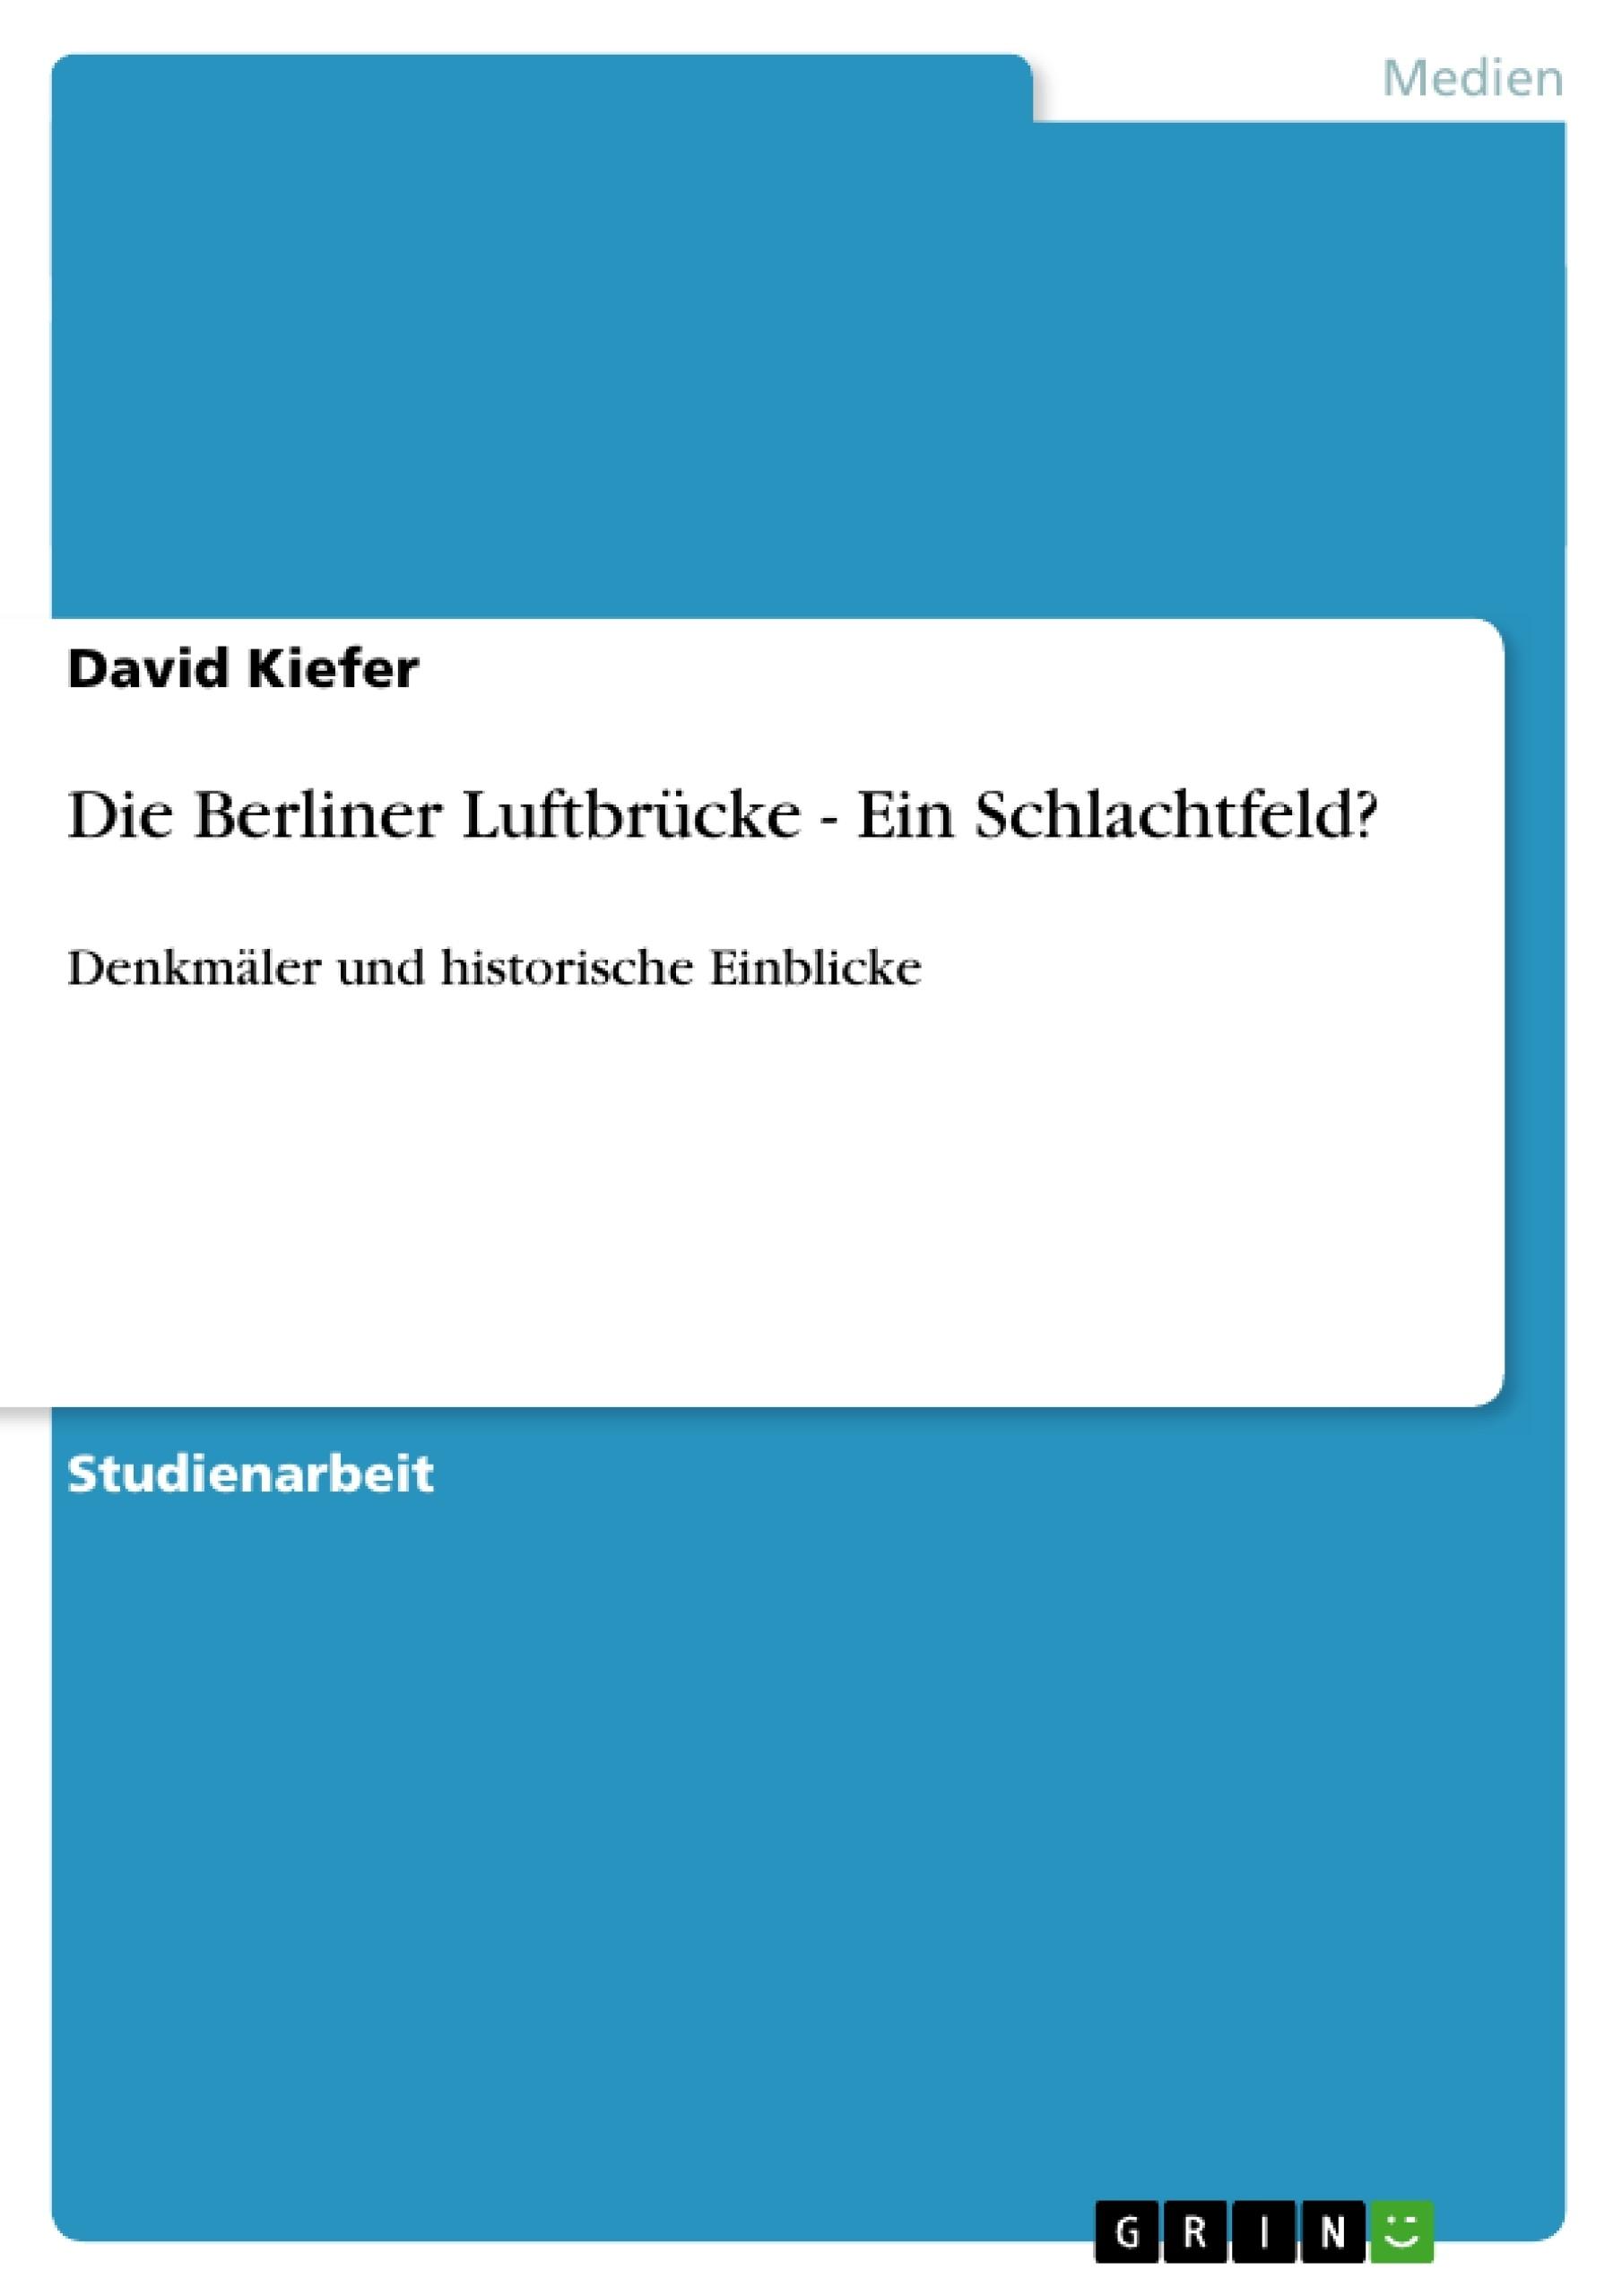 Titel: Die Berliner Luftbrücke - Ein Schlachtfeld?